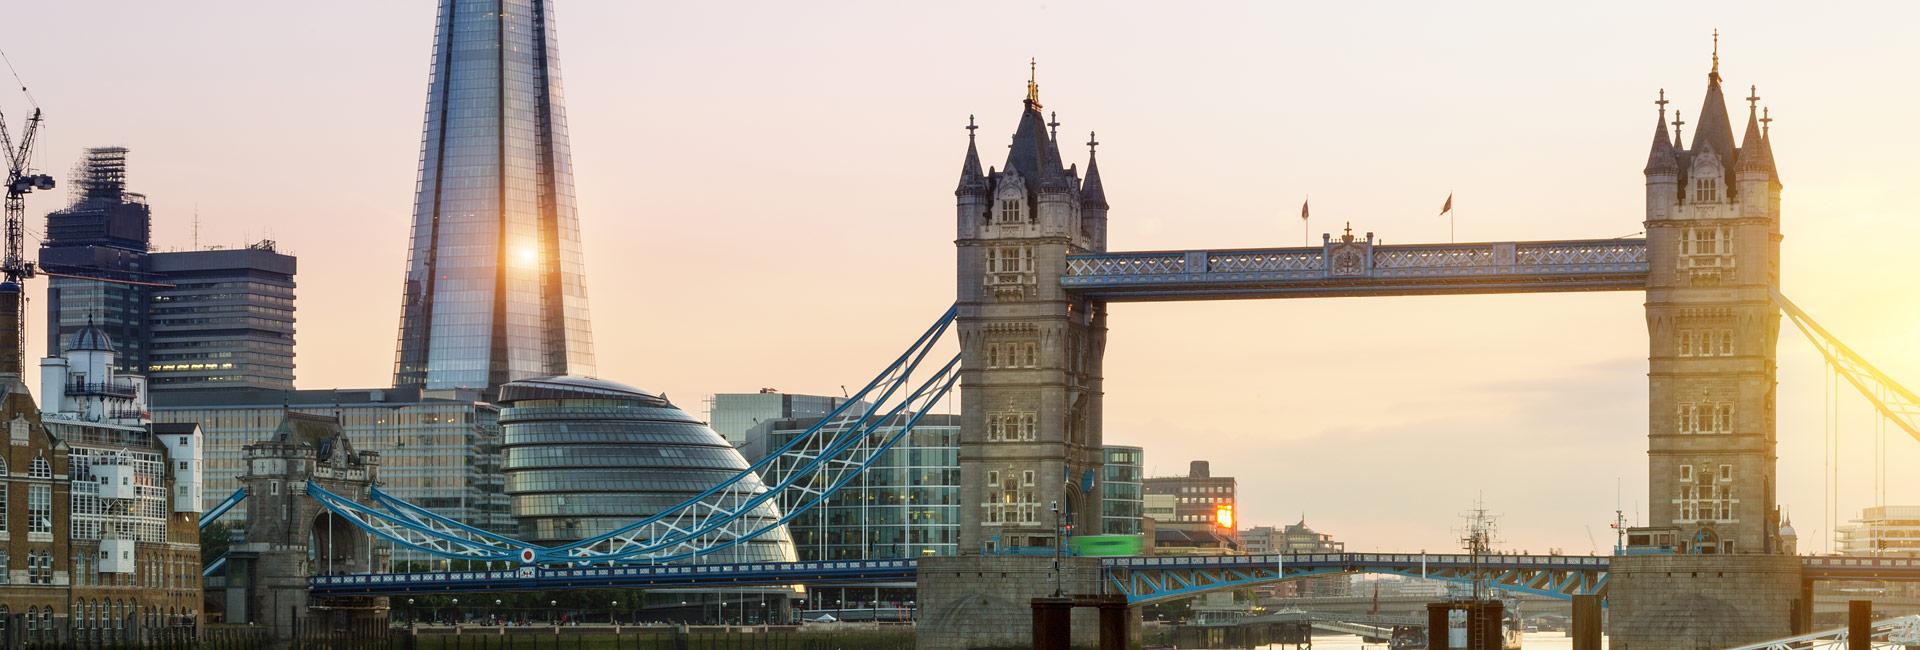 Full Hero - Tower Bridge